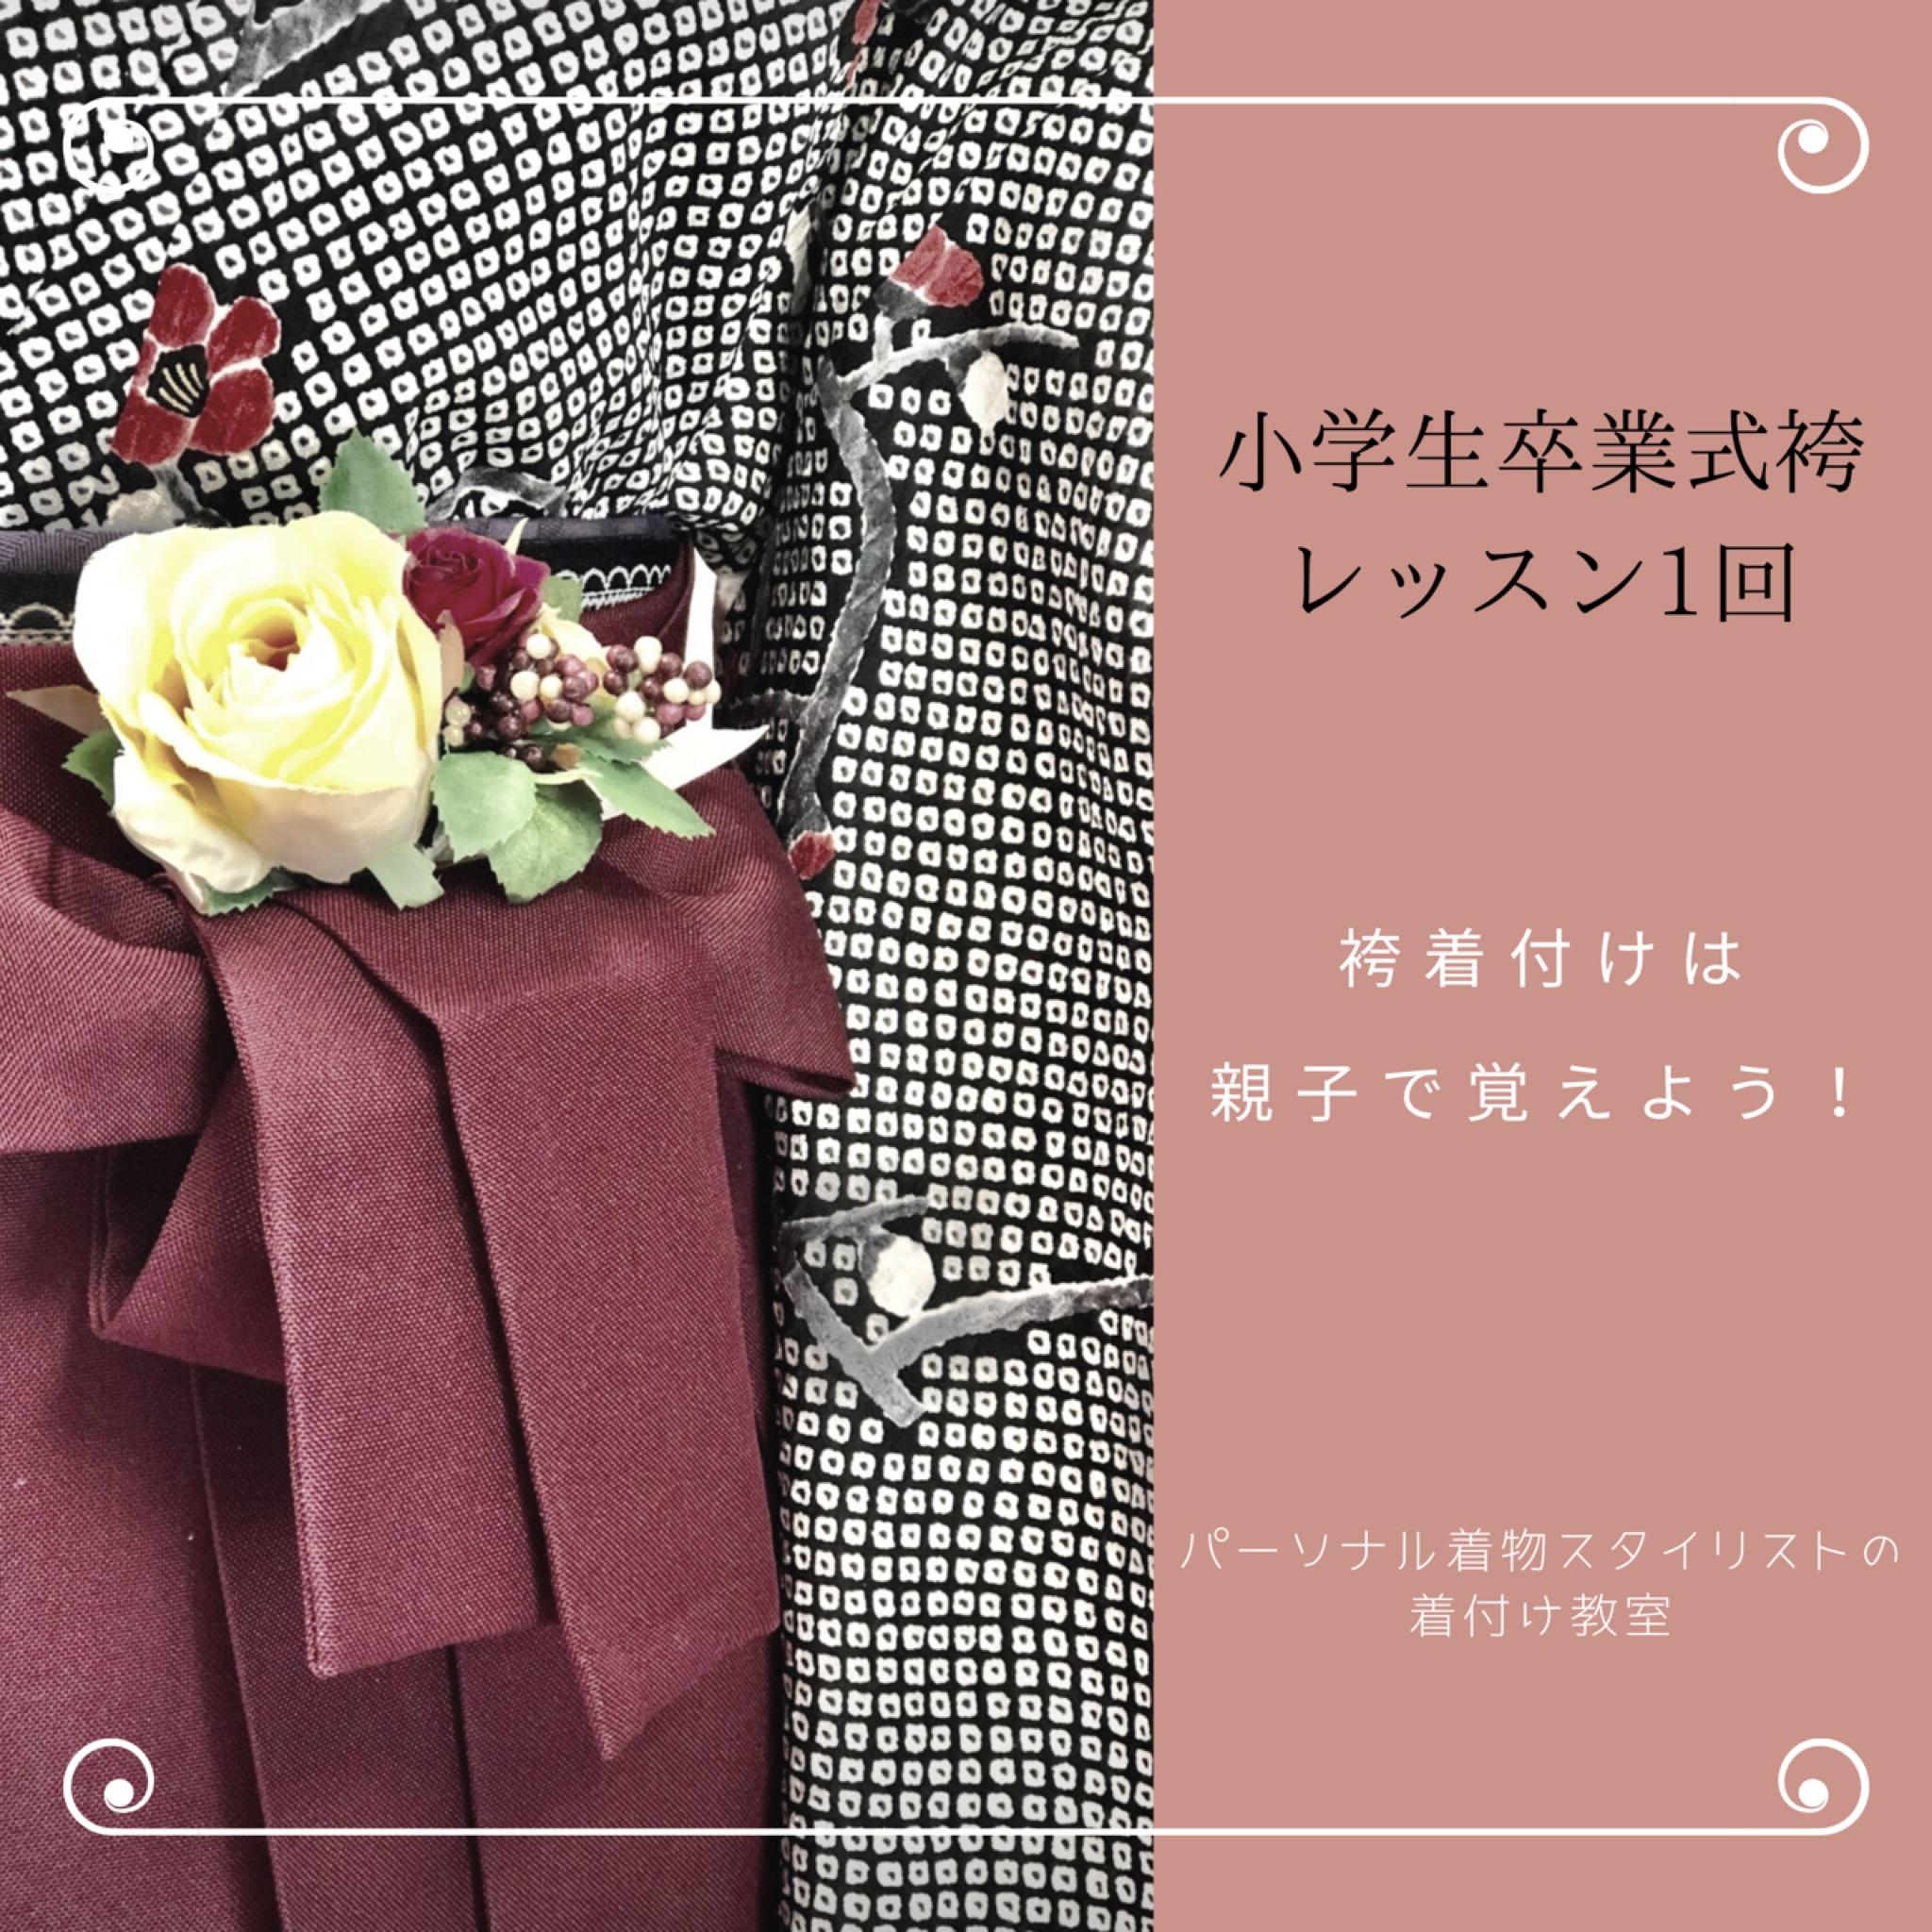 小学生卒業式袴の親子レッスン 相模原市 着付け